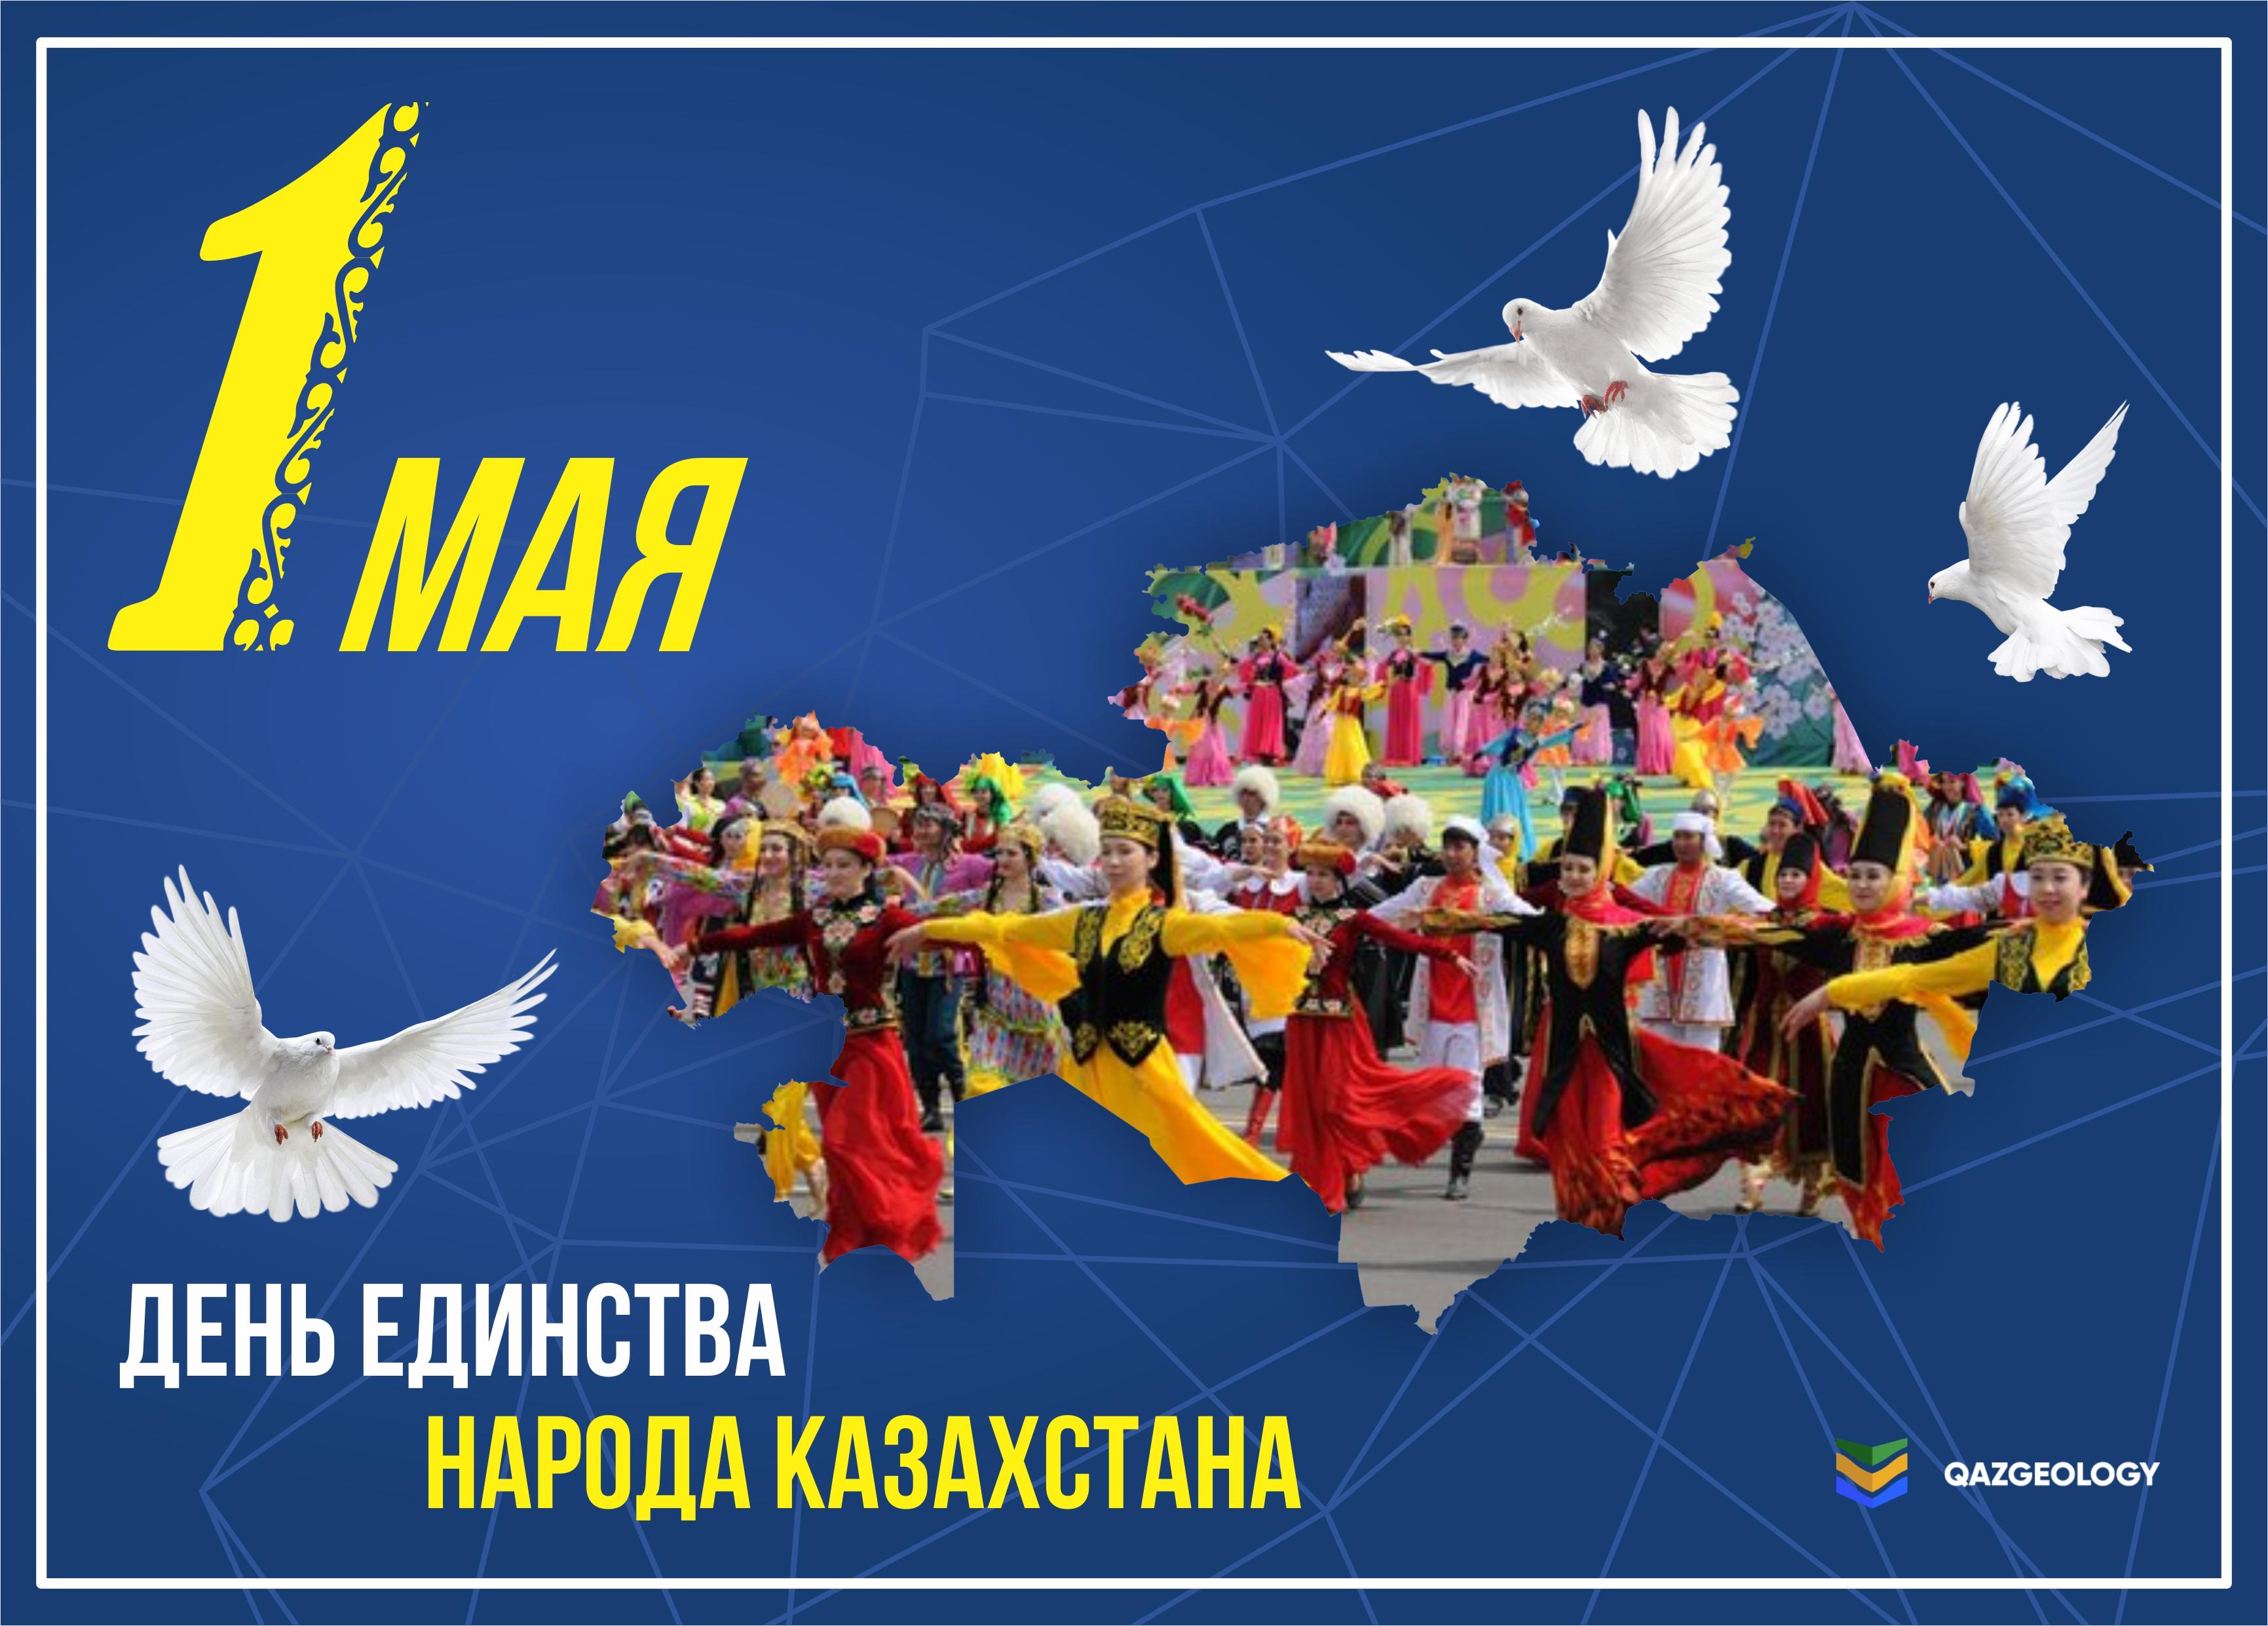 Картинки на день единства народов казахстана, лет картинки